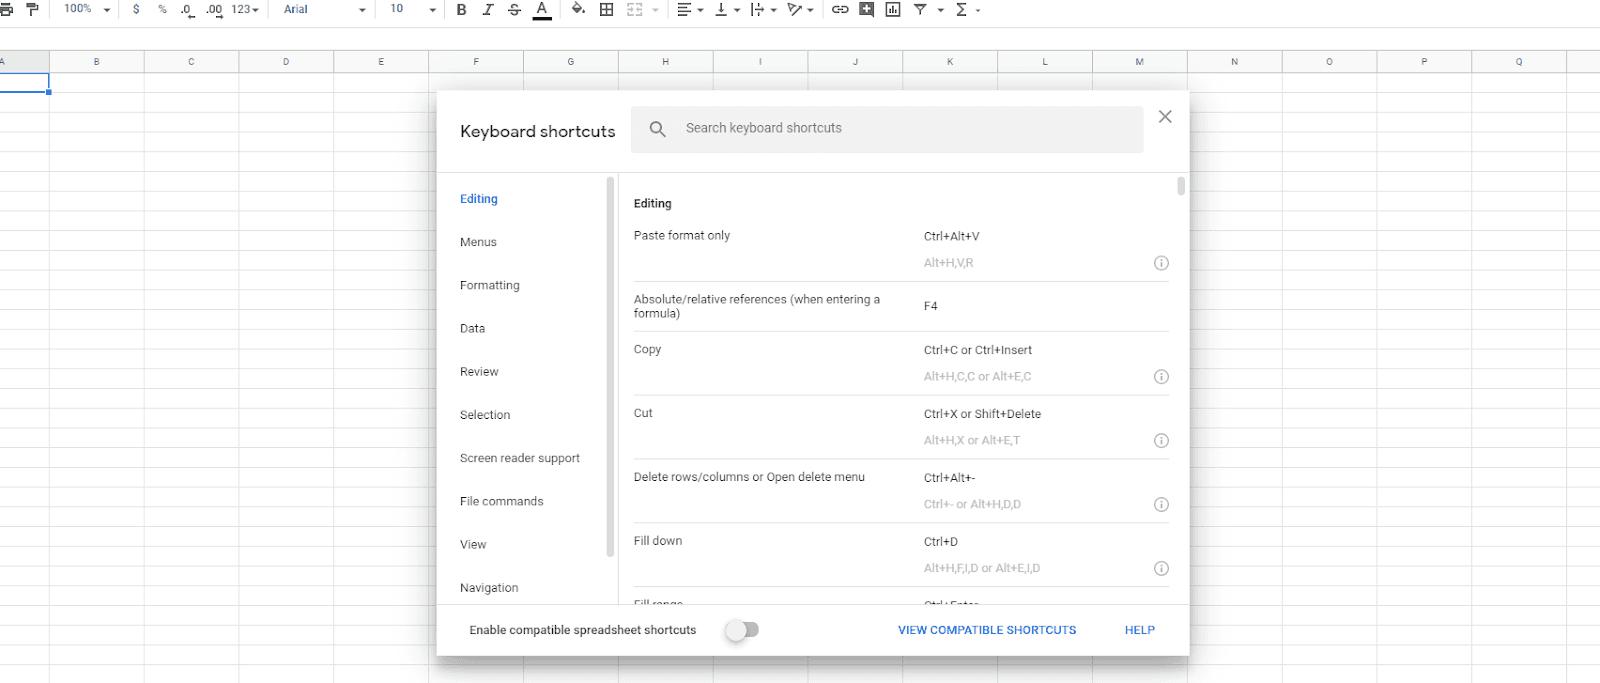 Google Sheets keyboard shortcuts